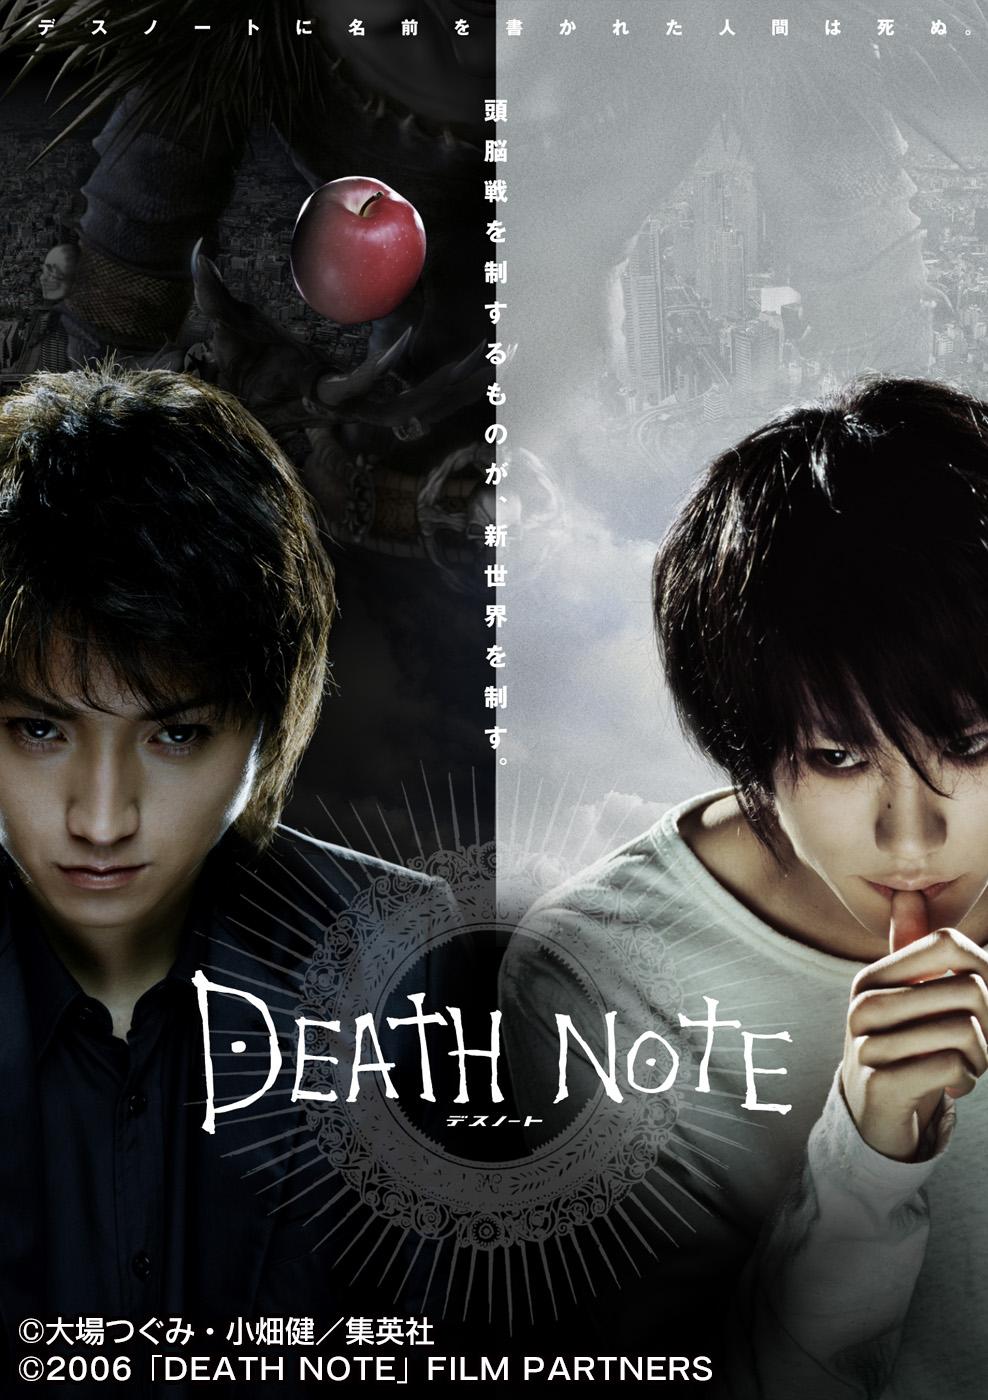 デスノート(DEATH NOTE) - 前編